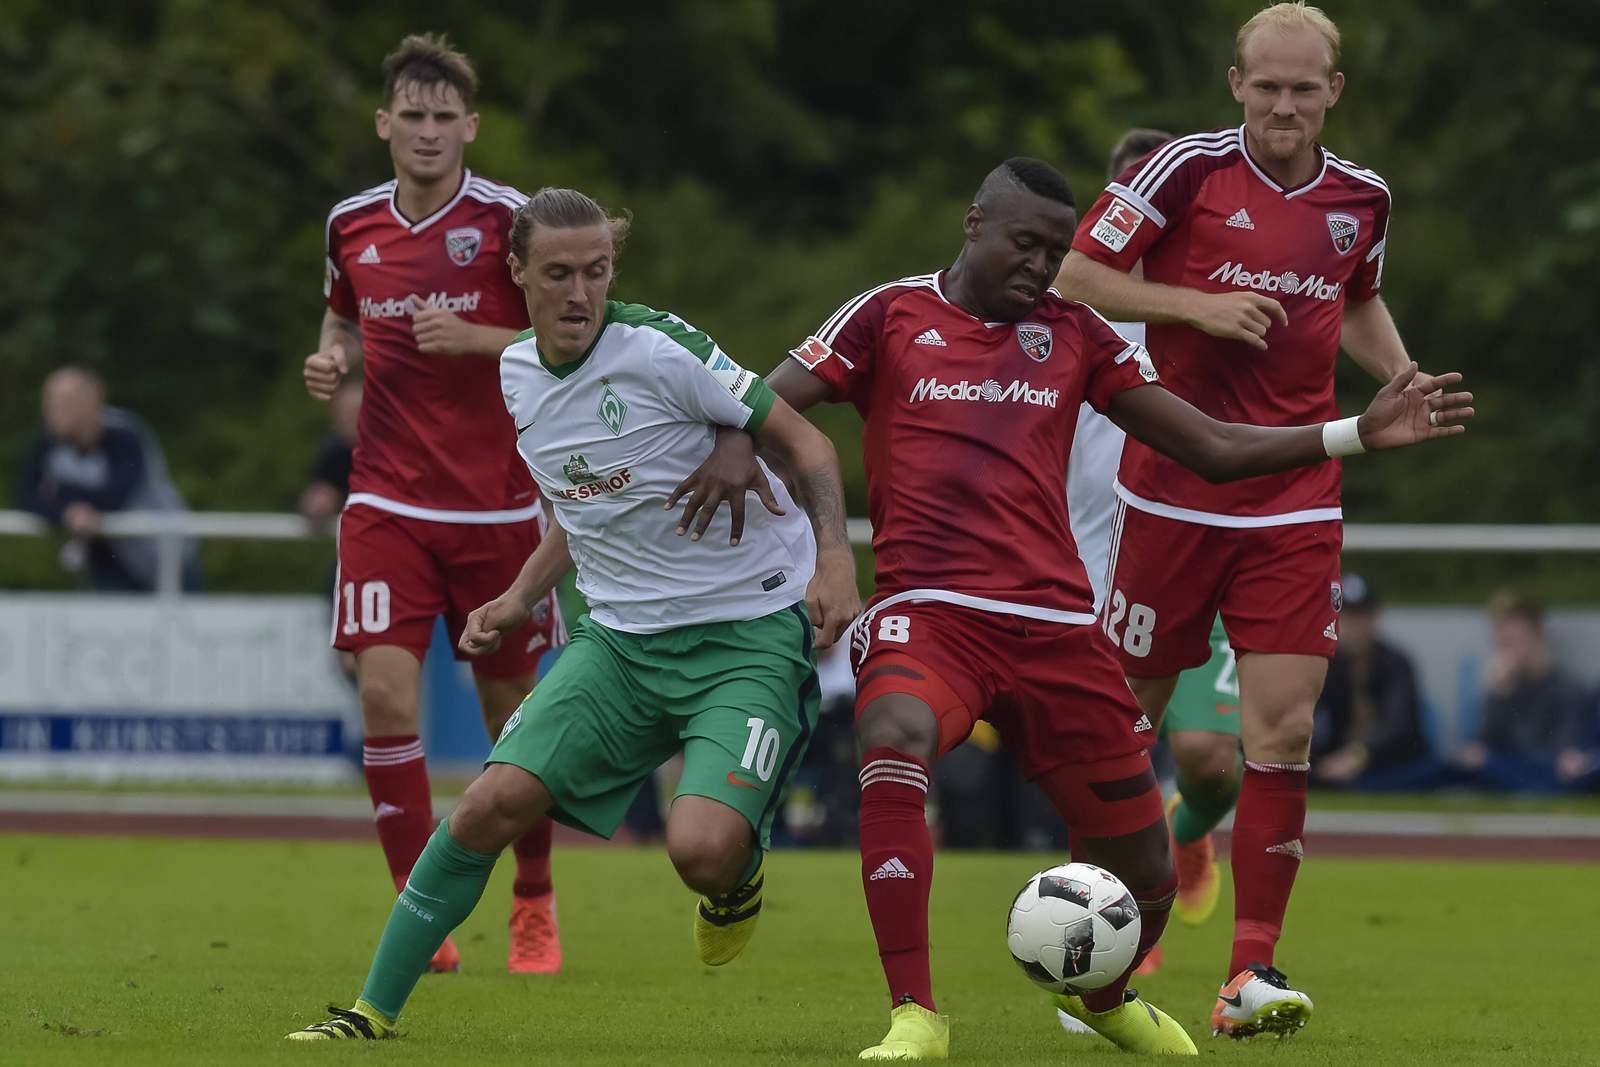 Max Kruse umringt von drei Ingolstädter. Jetzt auf Werder Bremen gegen Ingolstadt wetten!